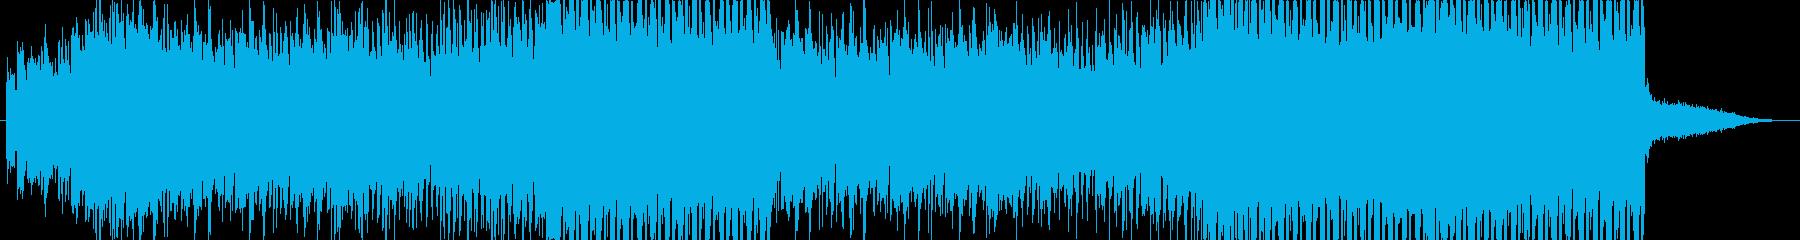 夏にぴったりなエモーショナルEDM の再生済みの波形